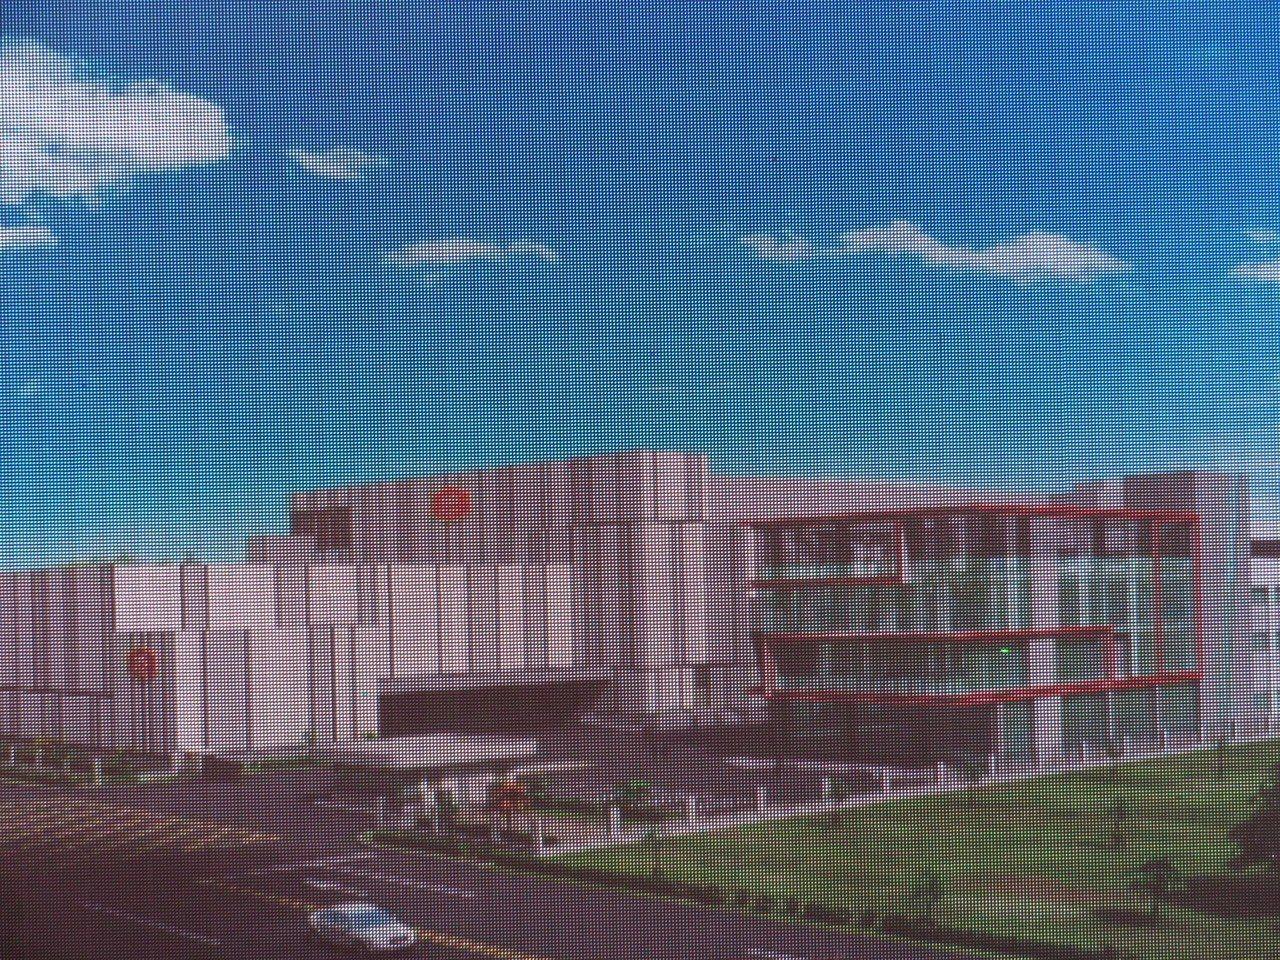 大成集團嘉義縣動土興建新食品廠,占地8800坪,是符合工業4.0運用MES及SA...